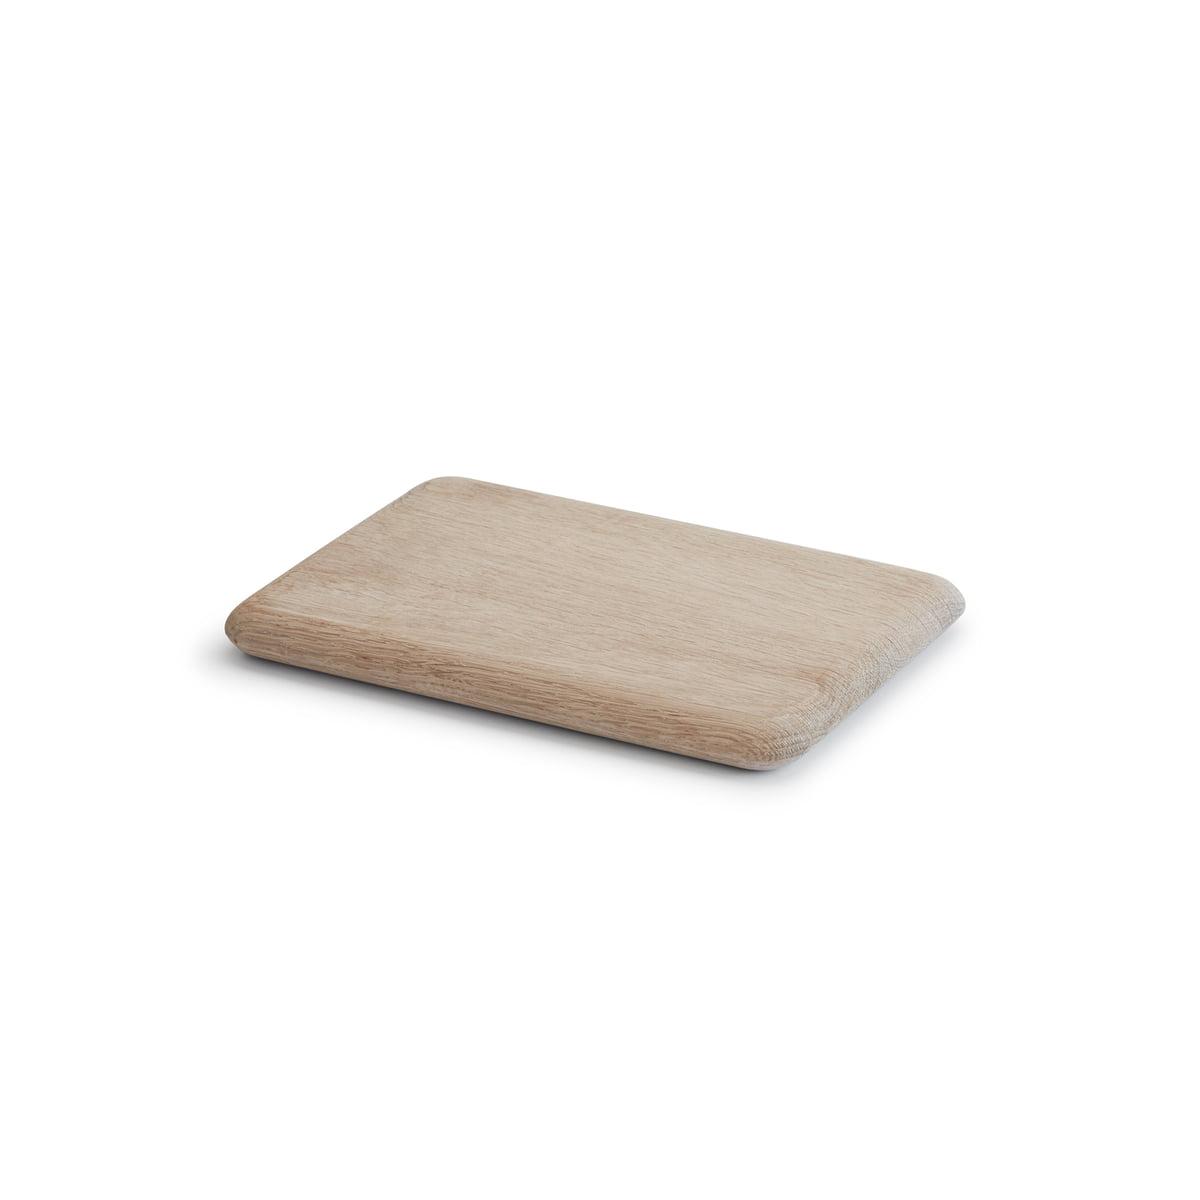 Skagerak - Ratio Schneidebrett B5, Eiche | Küche und Esszimmer > Kochen und Backen > Küchenhelfer | Skagerak